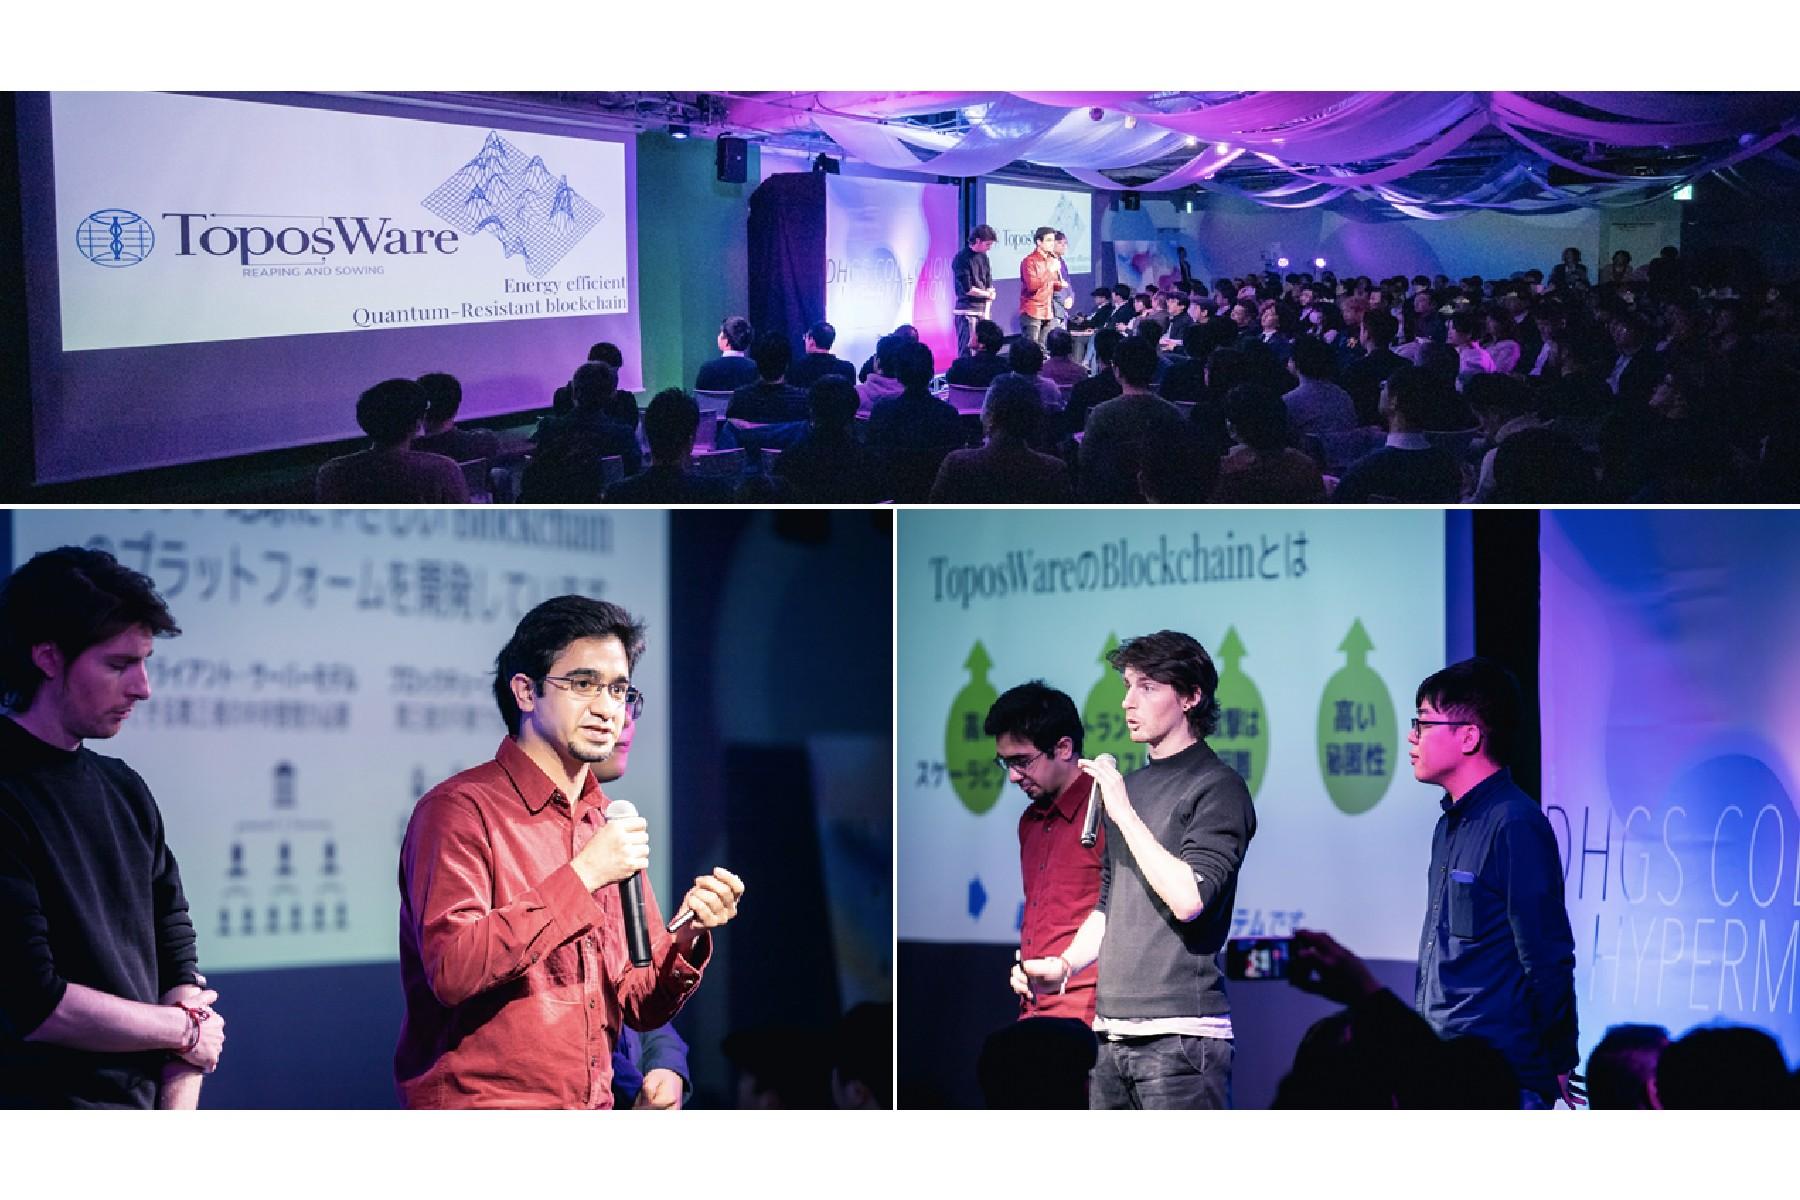 デジタルハリウッド大学の学発ベンチャー「ToposWare」、シードラウンドで約2億円の資金調達を完了